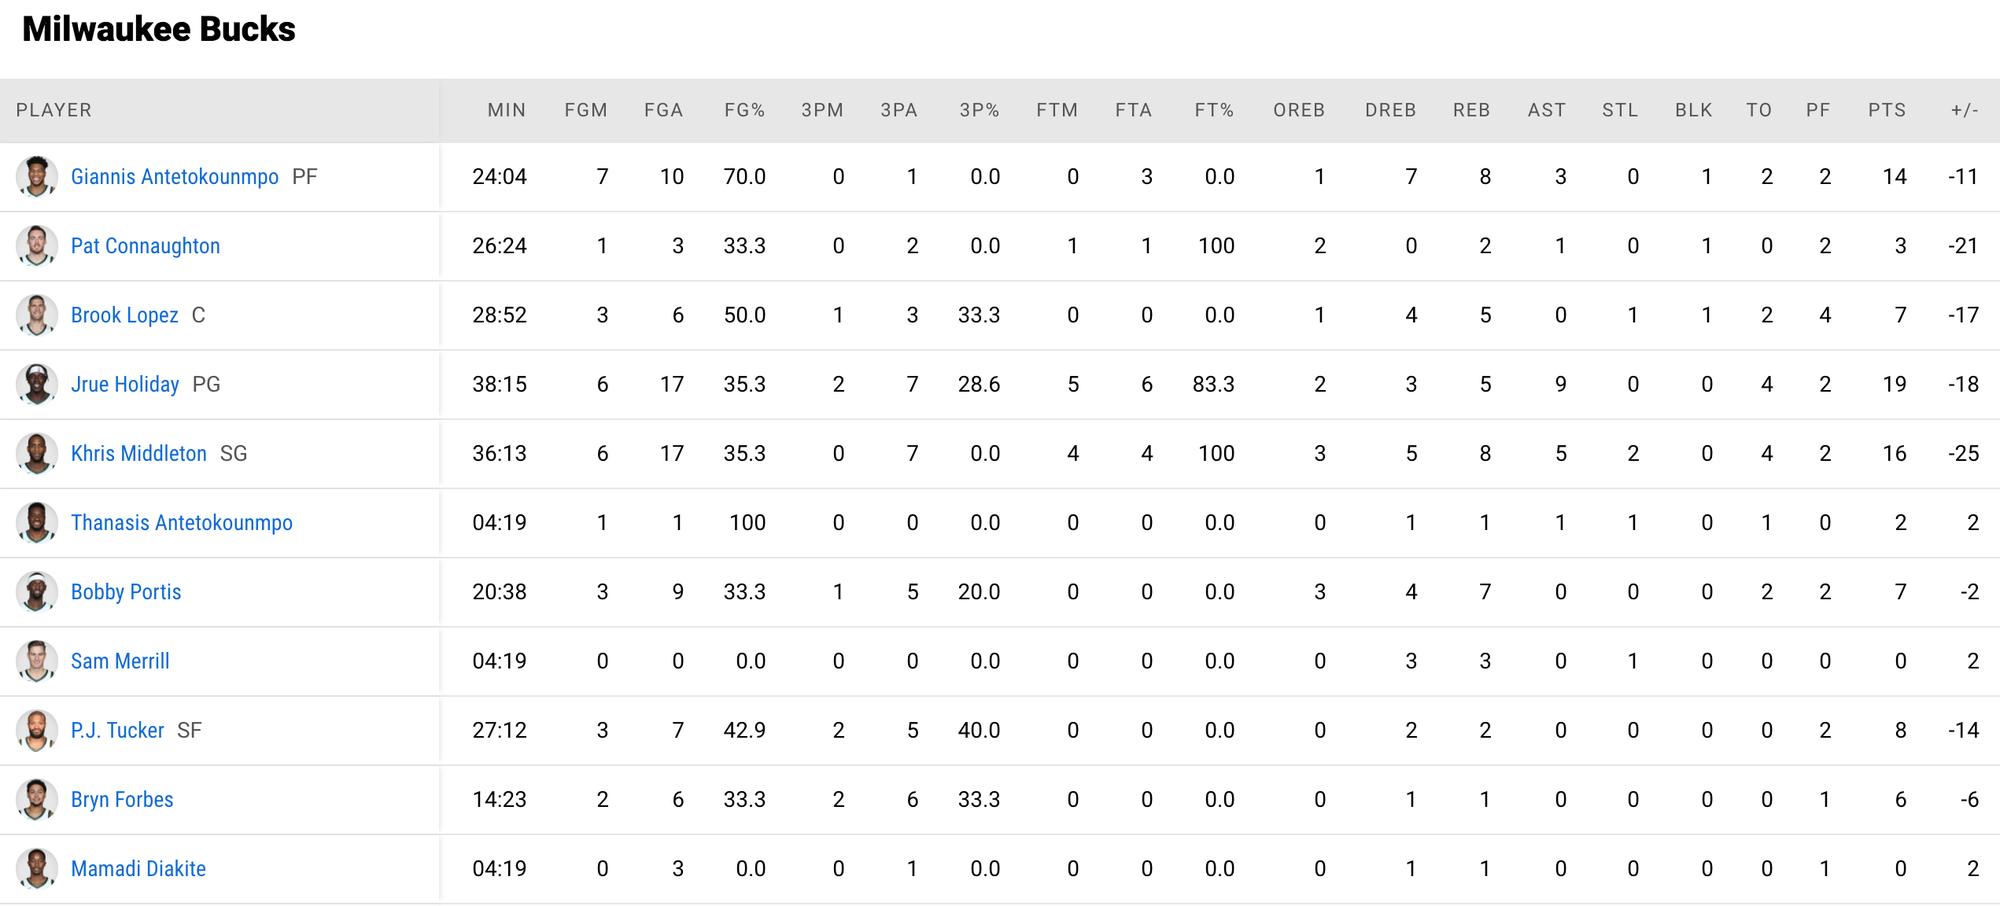 Atlanta Hawks huỷ diệt Milwaukee Bucks dù thiếu vắng ngôi sao Trae Young - Ảnh 4.